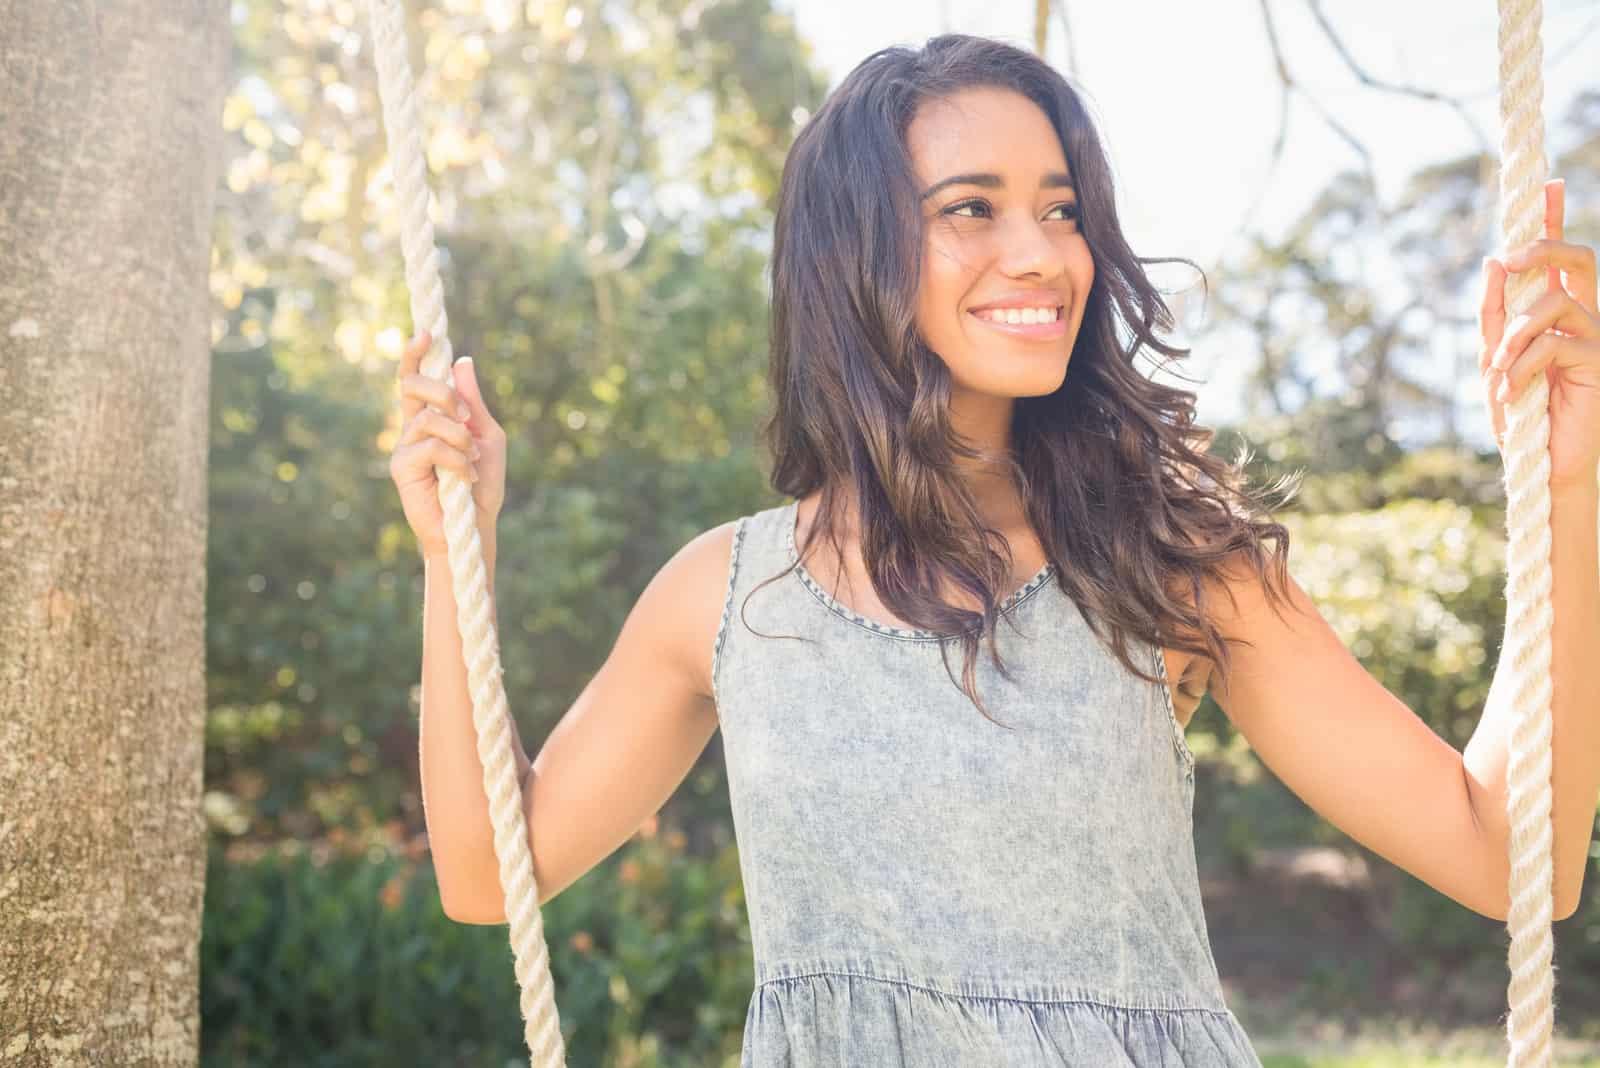 une femme aux longs cheveux bruns se balance